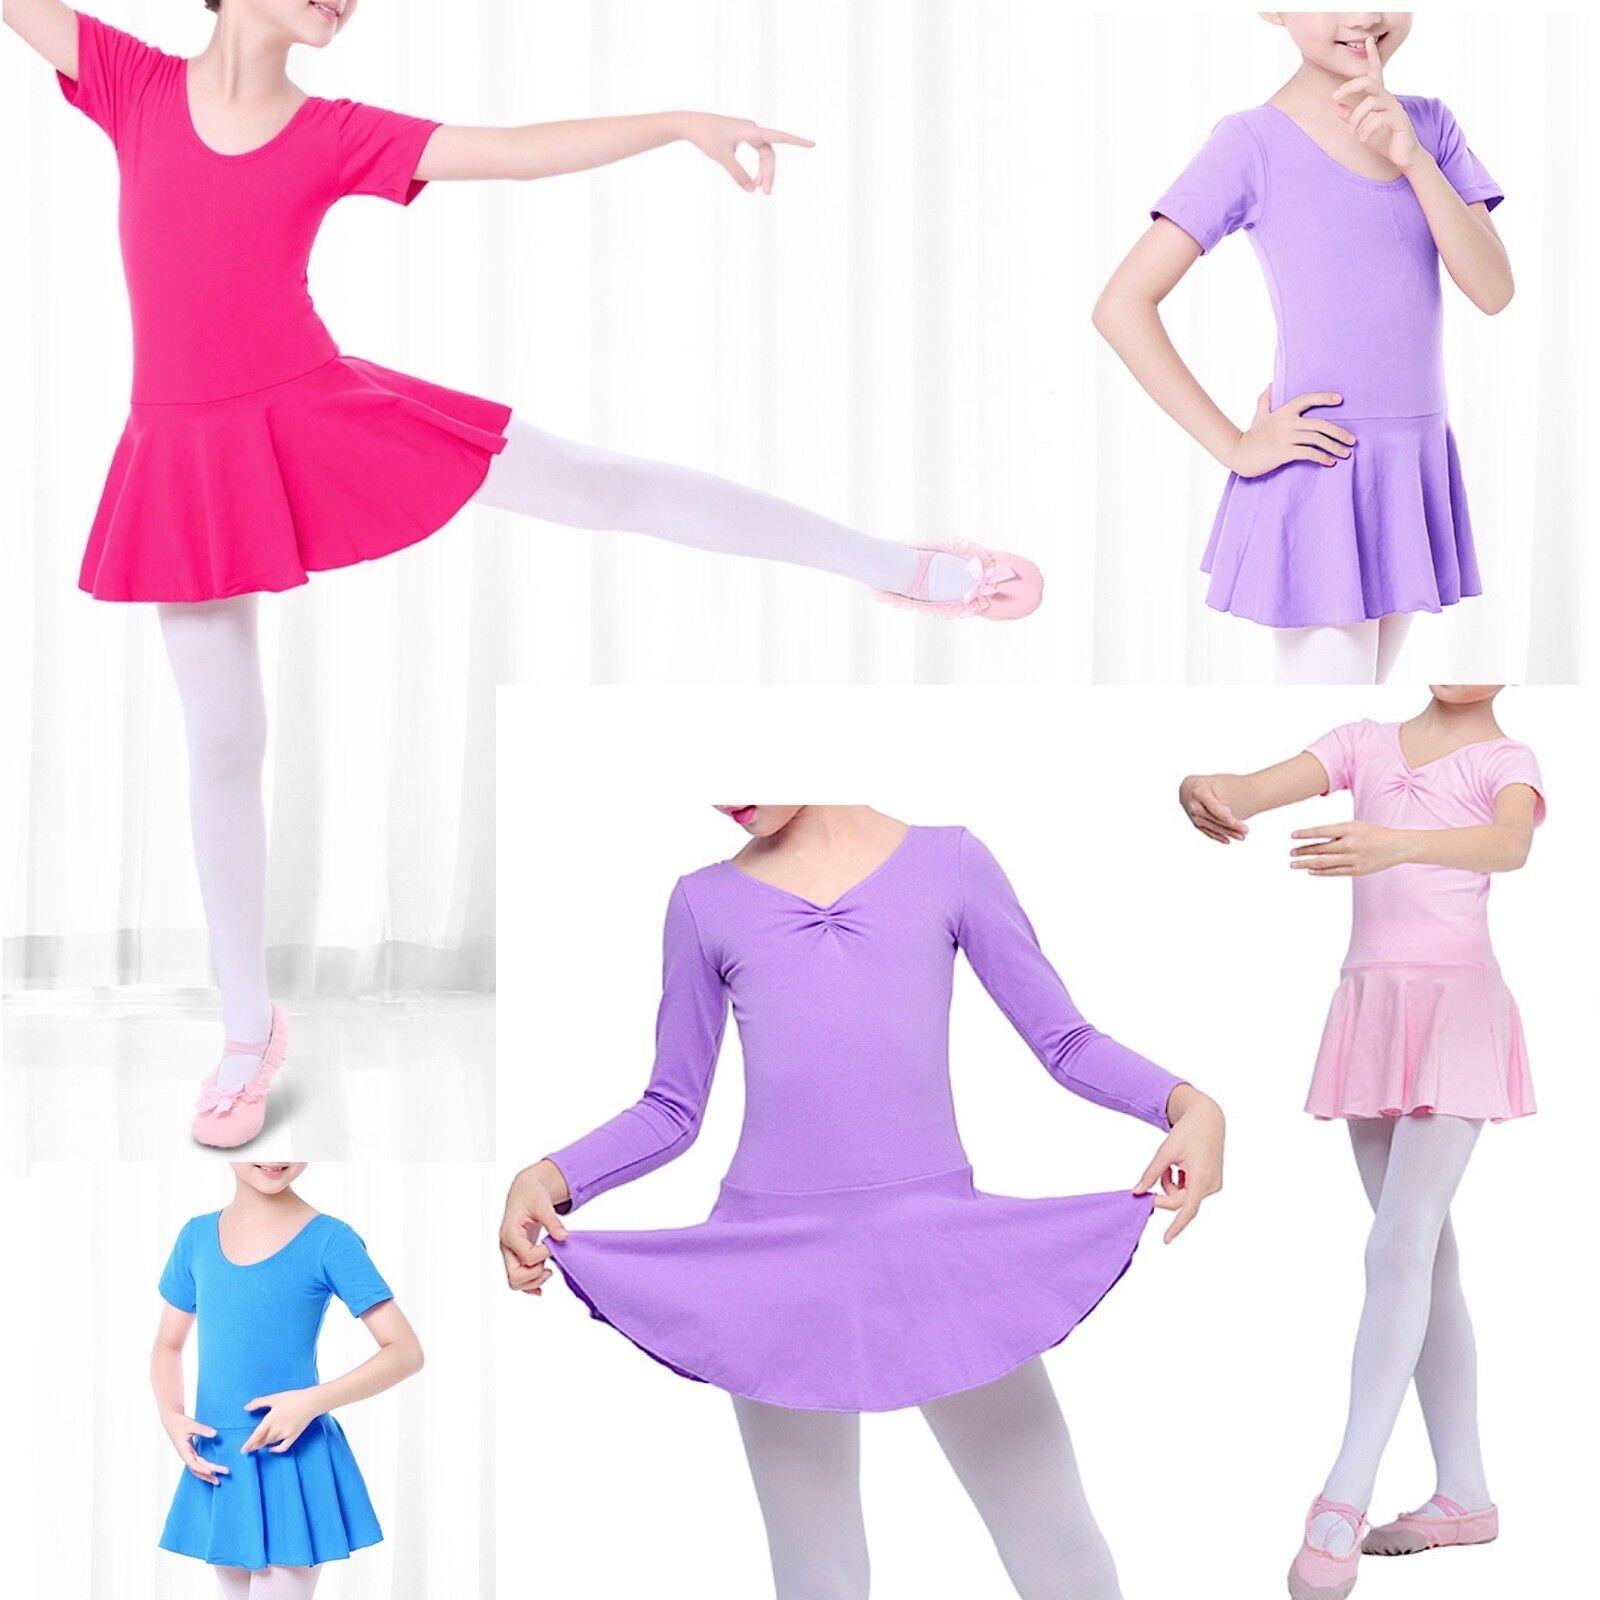 Vestito Tutù Body Lezione Danza Bambina Girl Ballet Tutu Dress DANC122